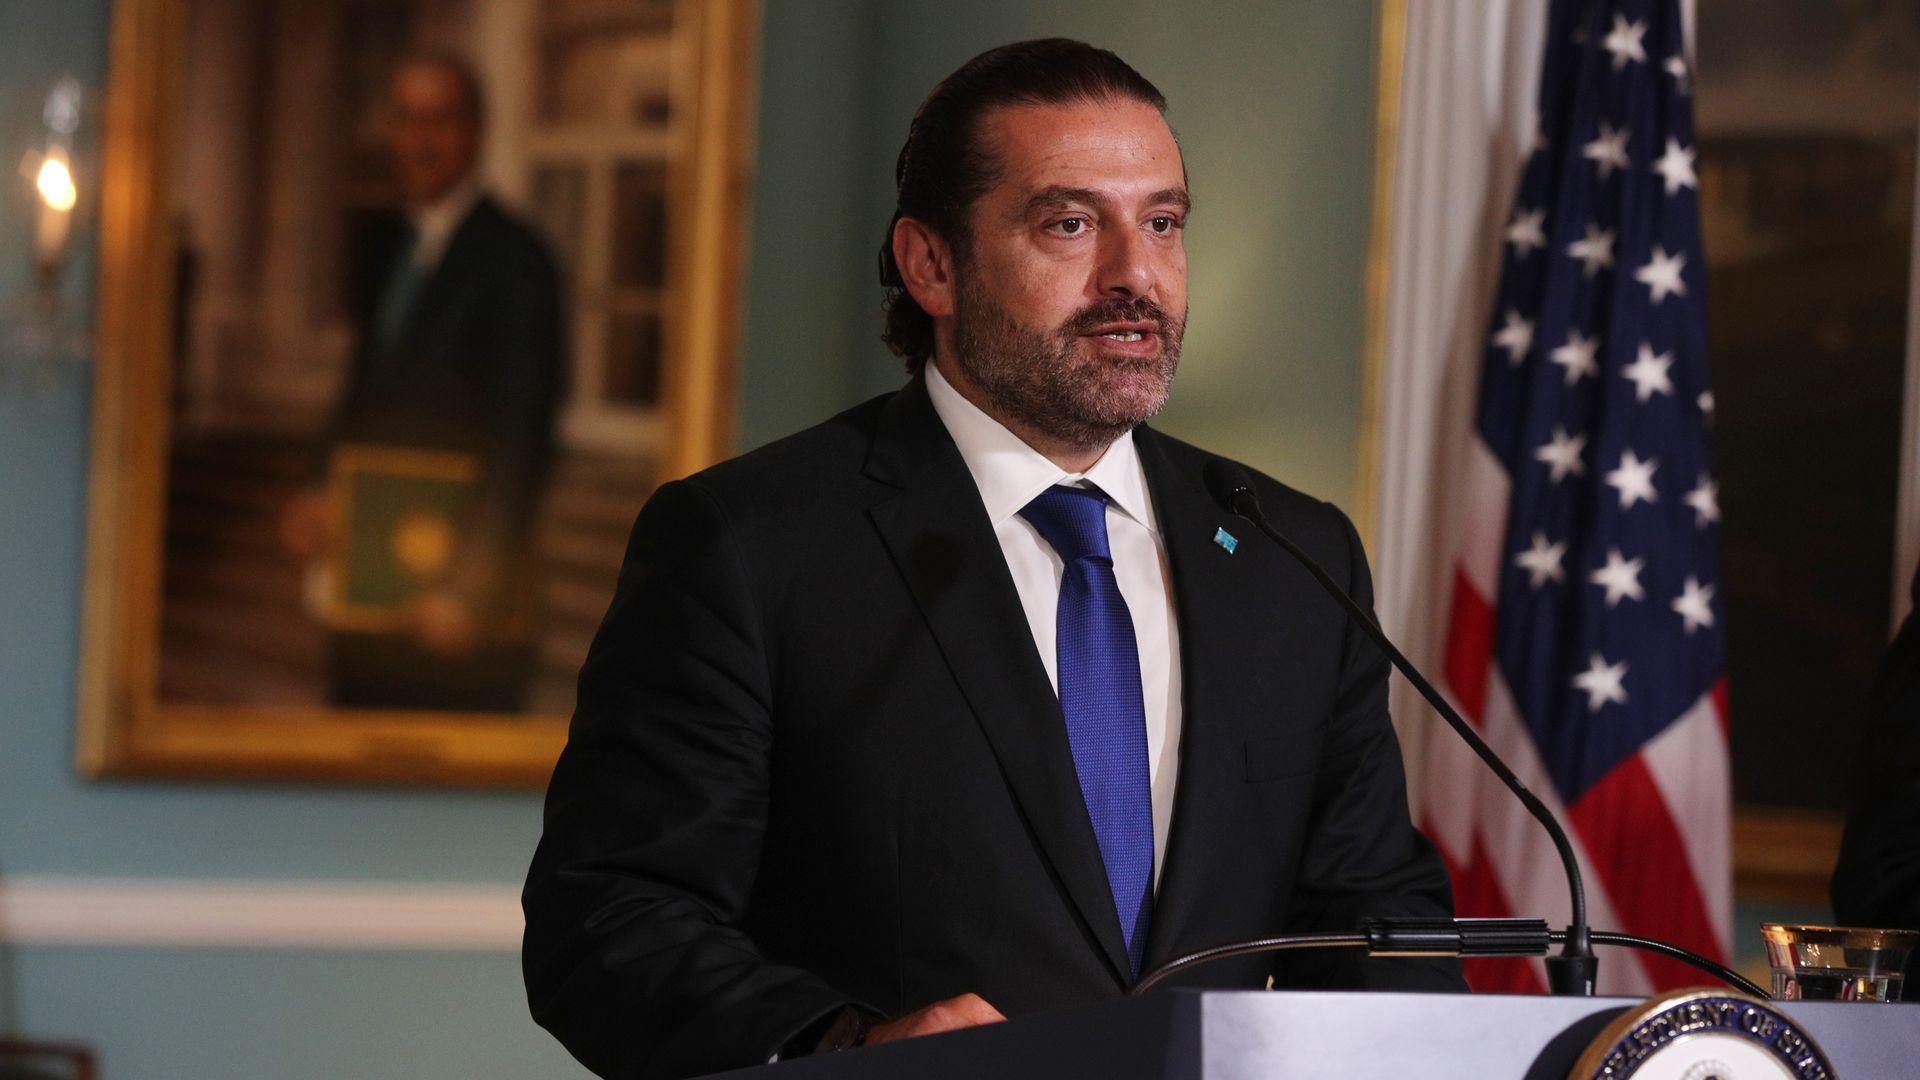 Iranian Prime Minister Saad Hariri